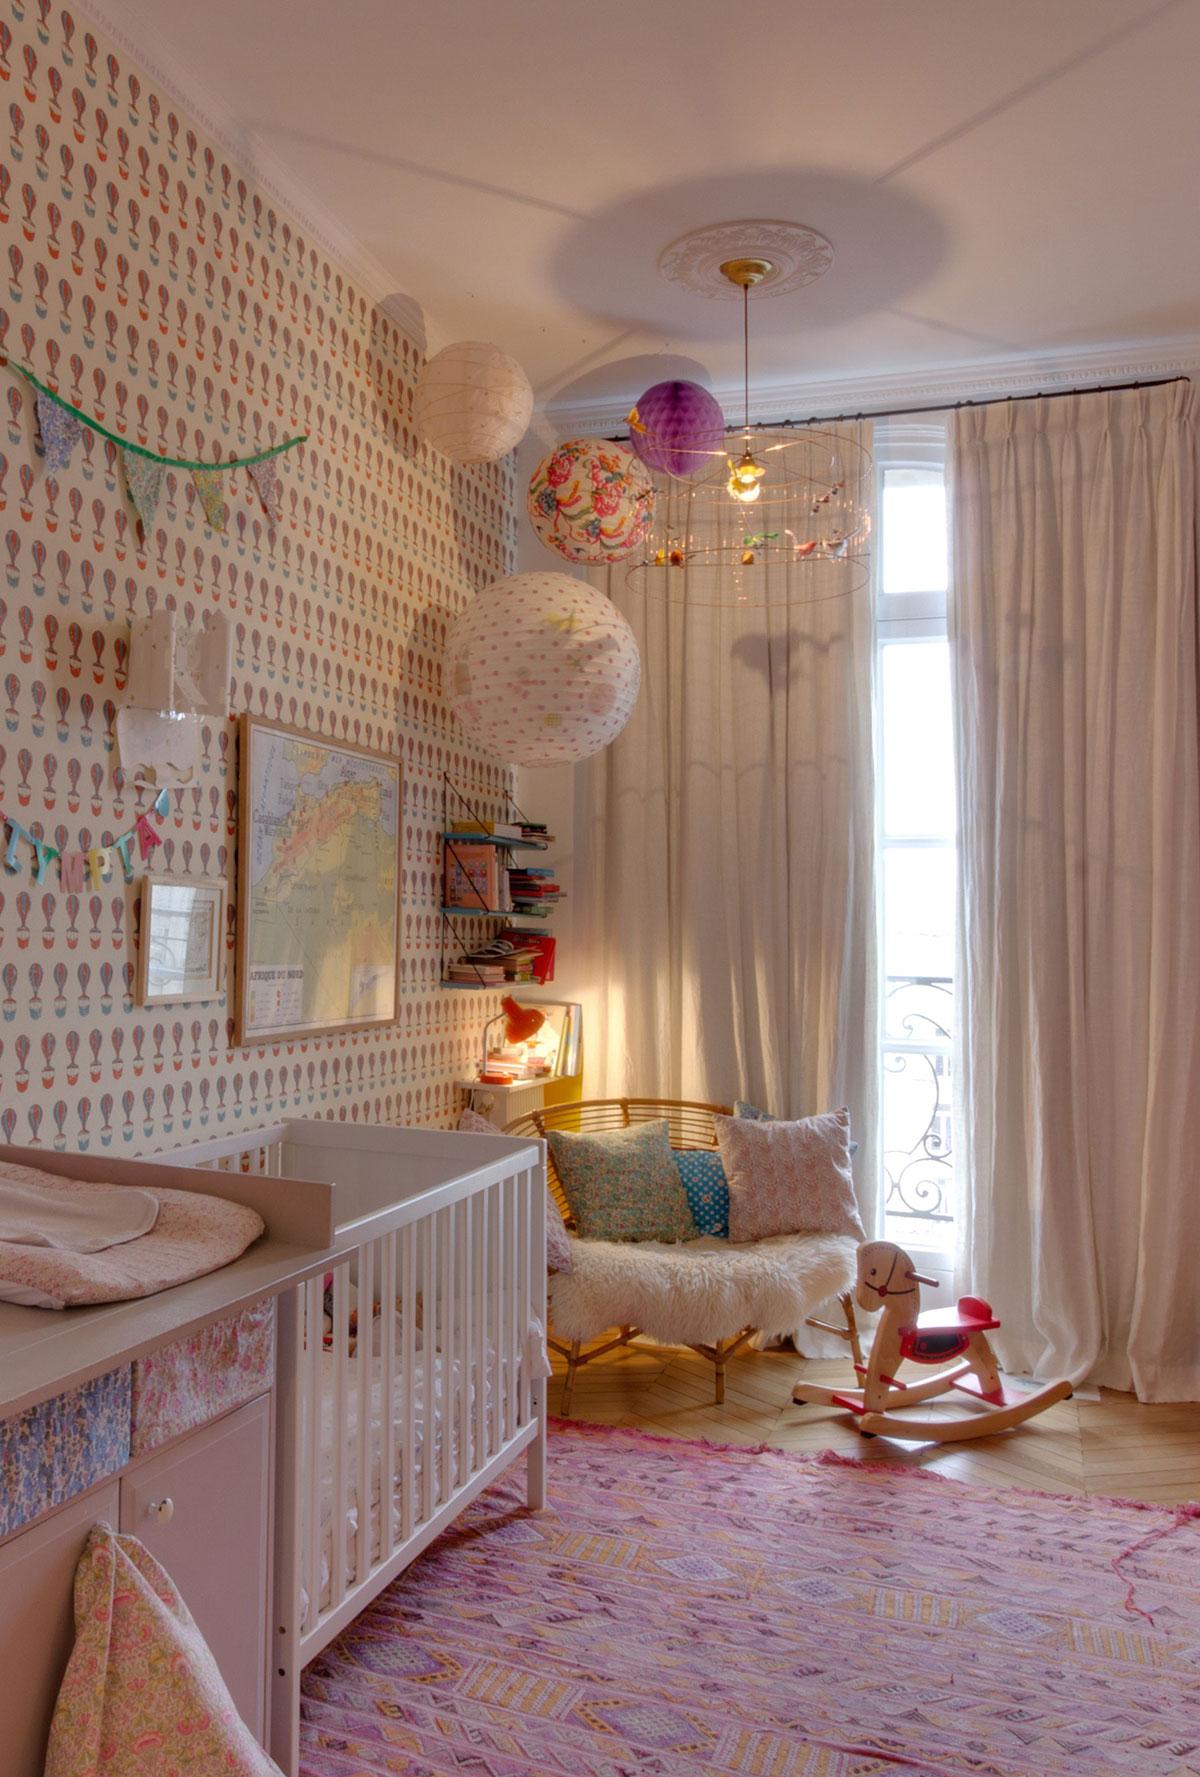 Kids room ideas11